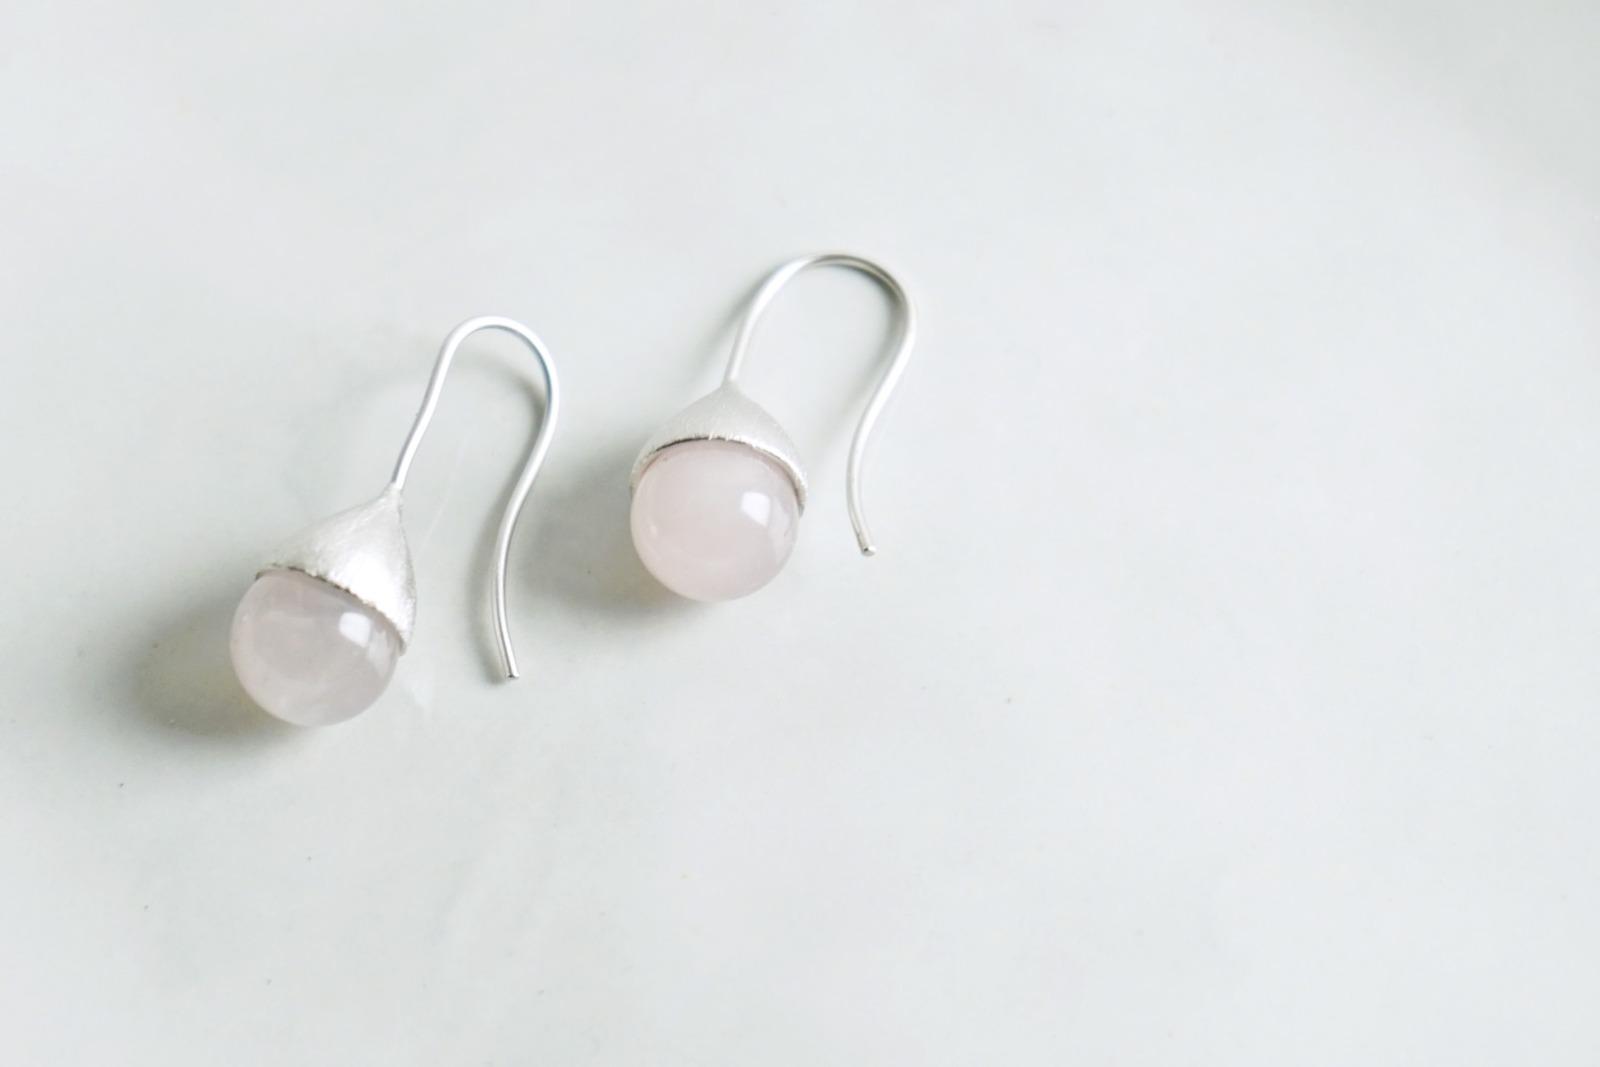 Ohrhänger Hütchen silber mit Perle Rosenquarz - 1